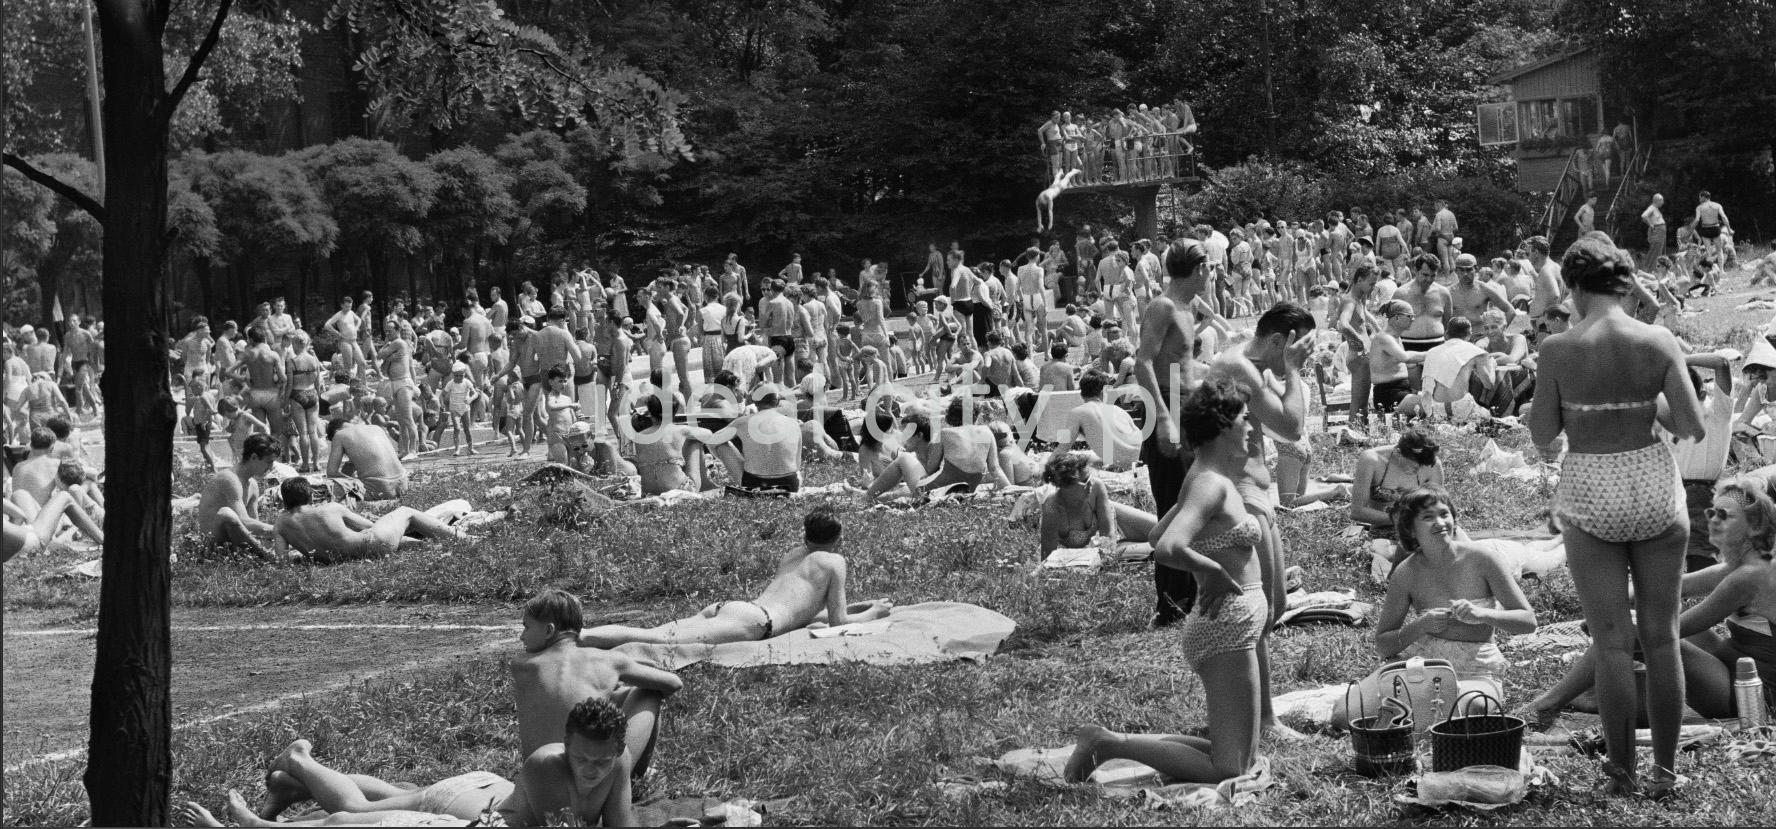 Tłum ludzi wypoczywających nad otwartym basenem, w głębi skacze do wody na głowę mężczyzna.